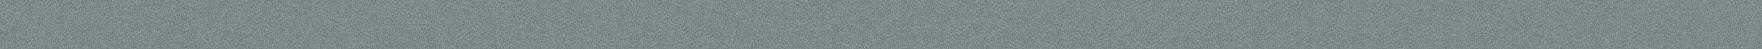 Бордюр FAP Ceramiche Lumina +23867 Satinato Silver Listello цена